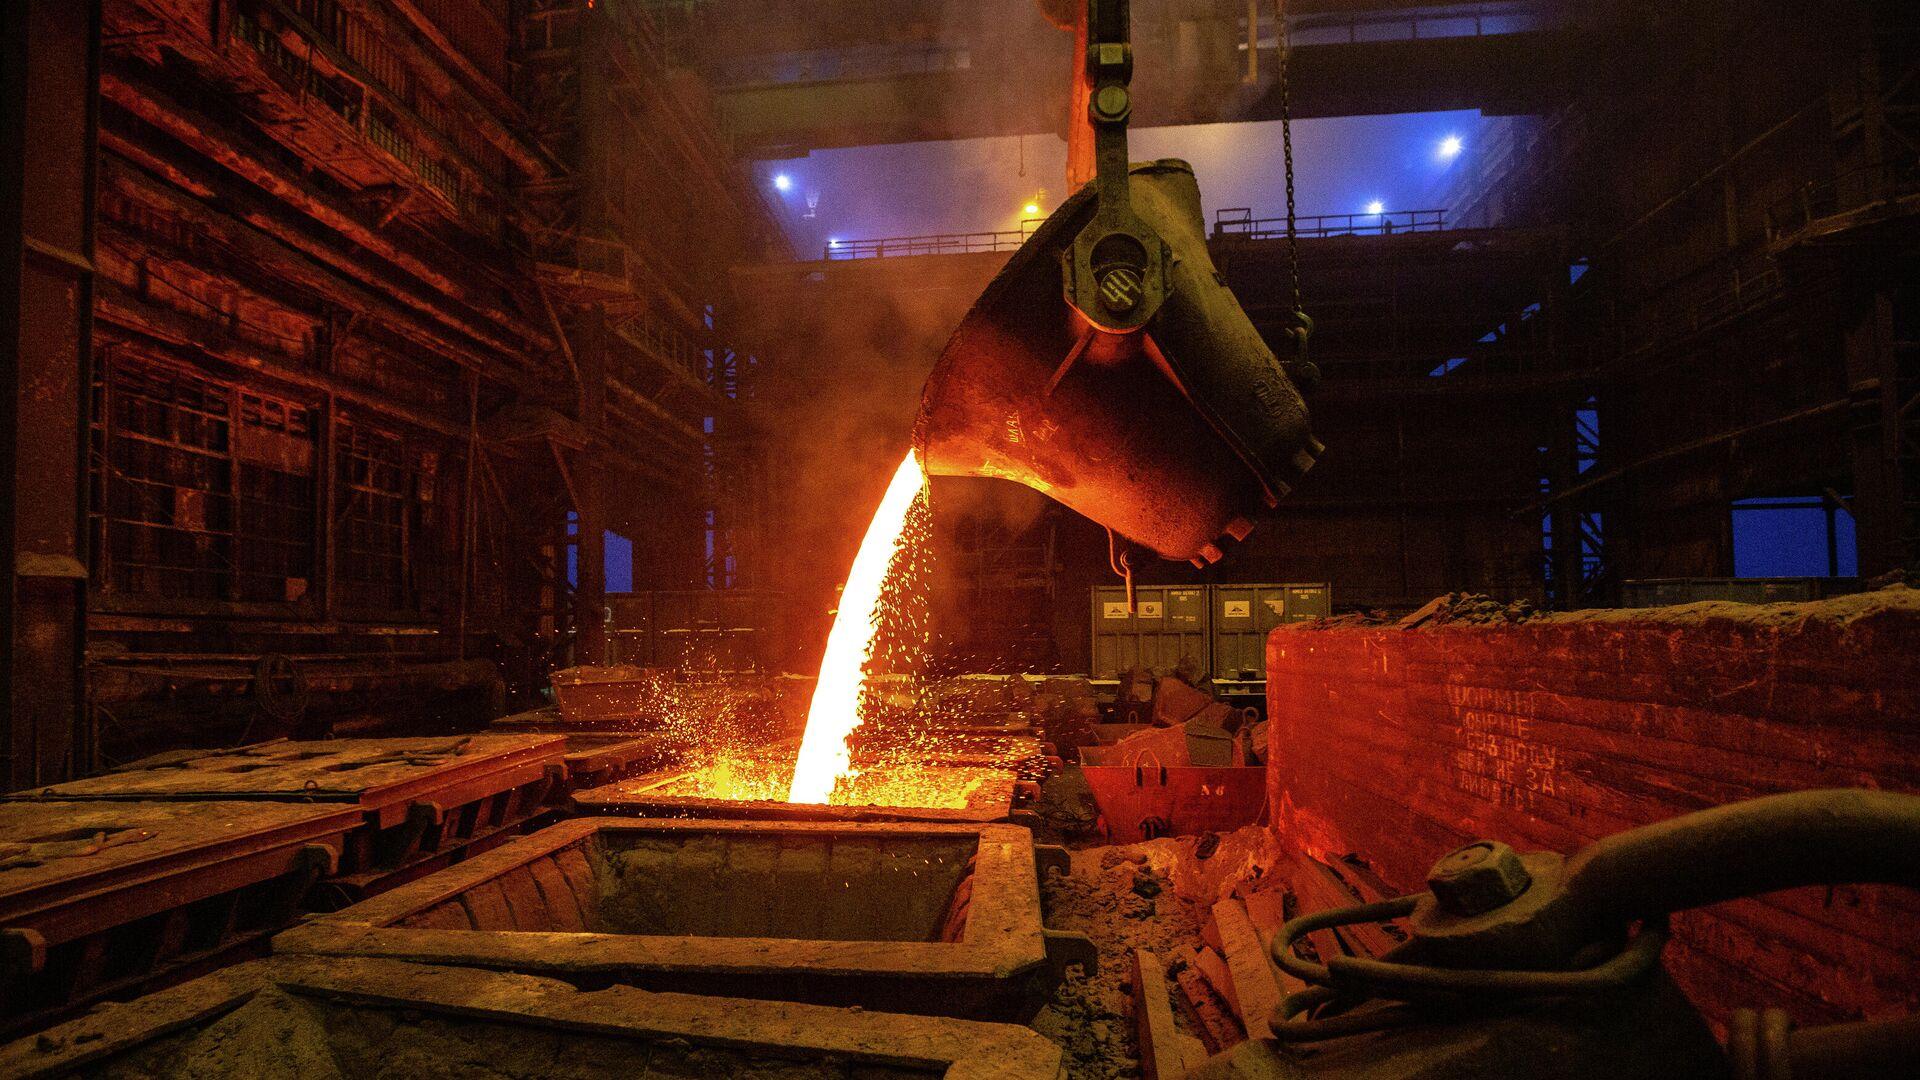 Розлив файнштейна в плавильном цехе завода Норильский никель в  Никеле - РИА Новости, 1920, 20.02.2021